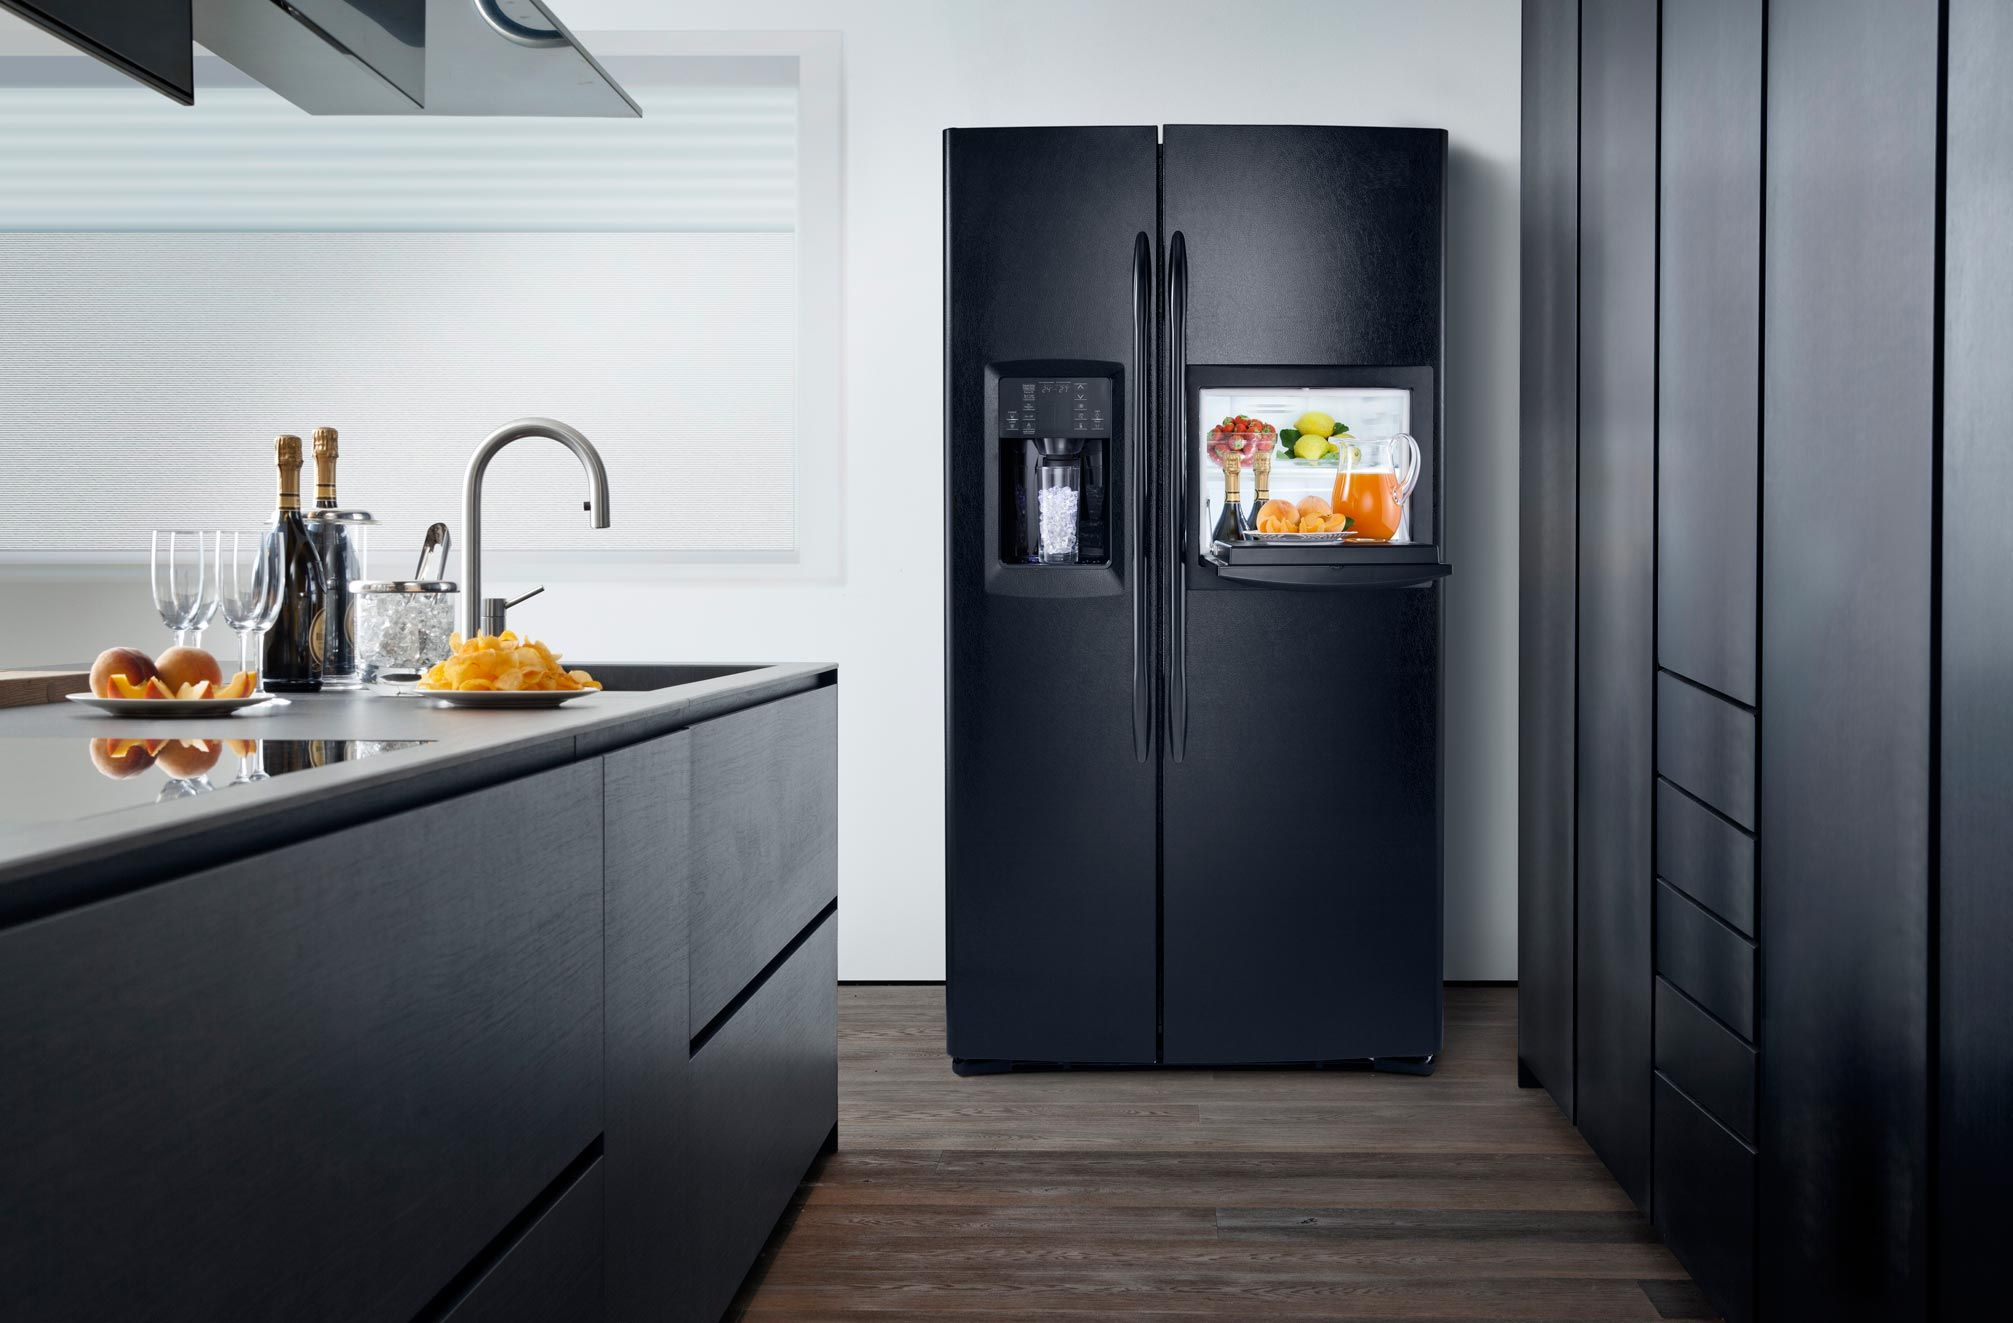 Zwarte Kit Keuken : De zwarte amerikaanse koelkast gse vhbtbb uitgevoerd met